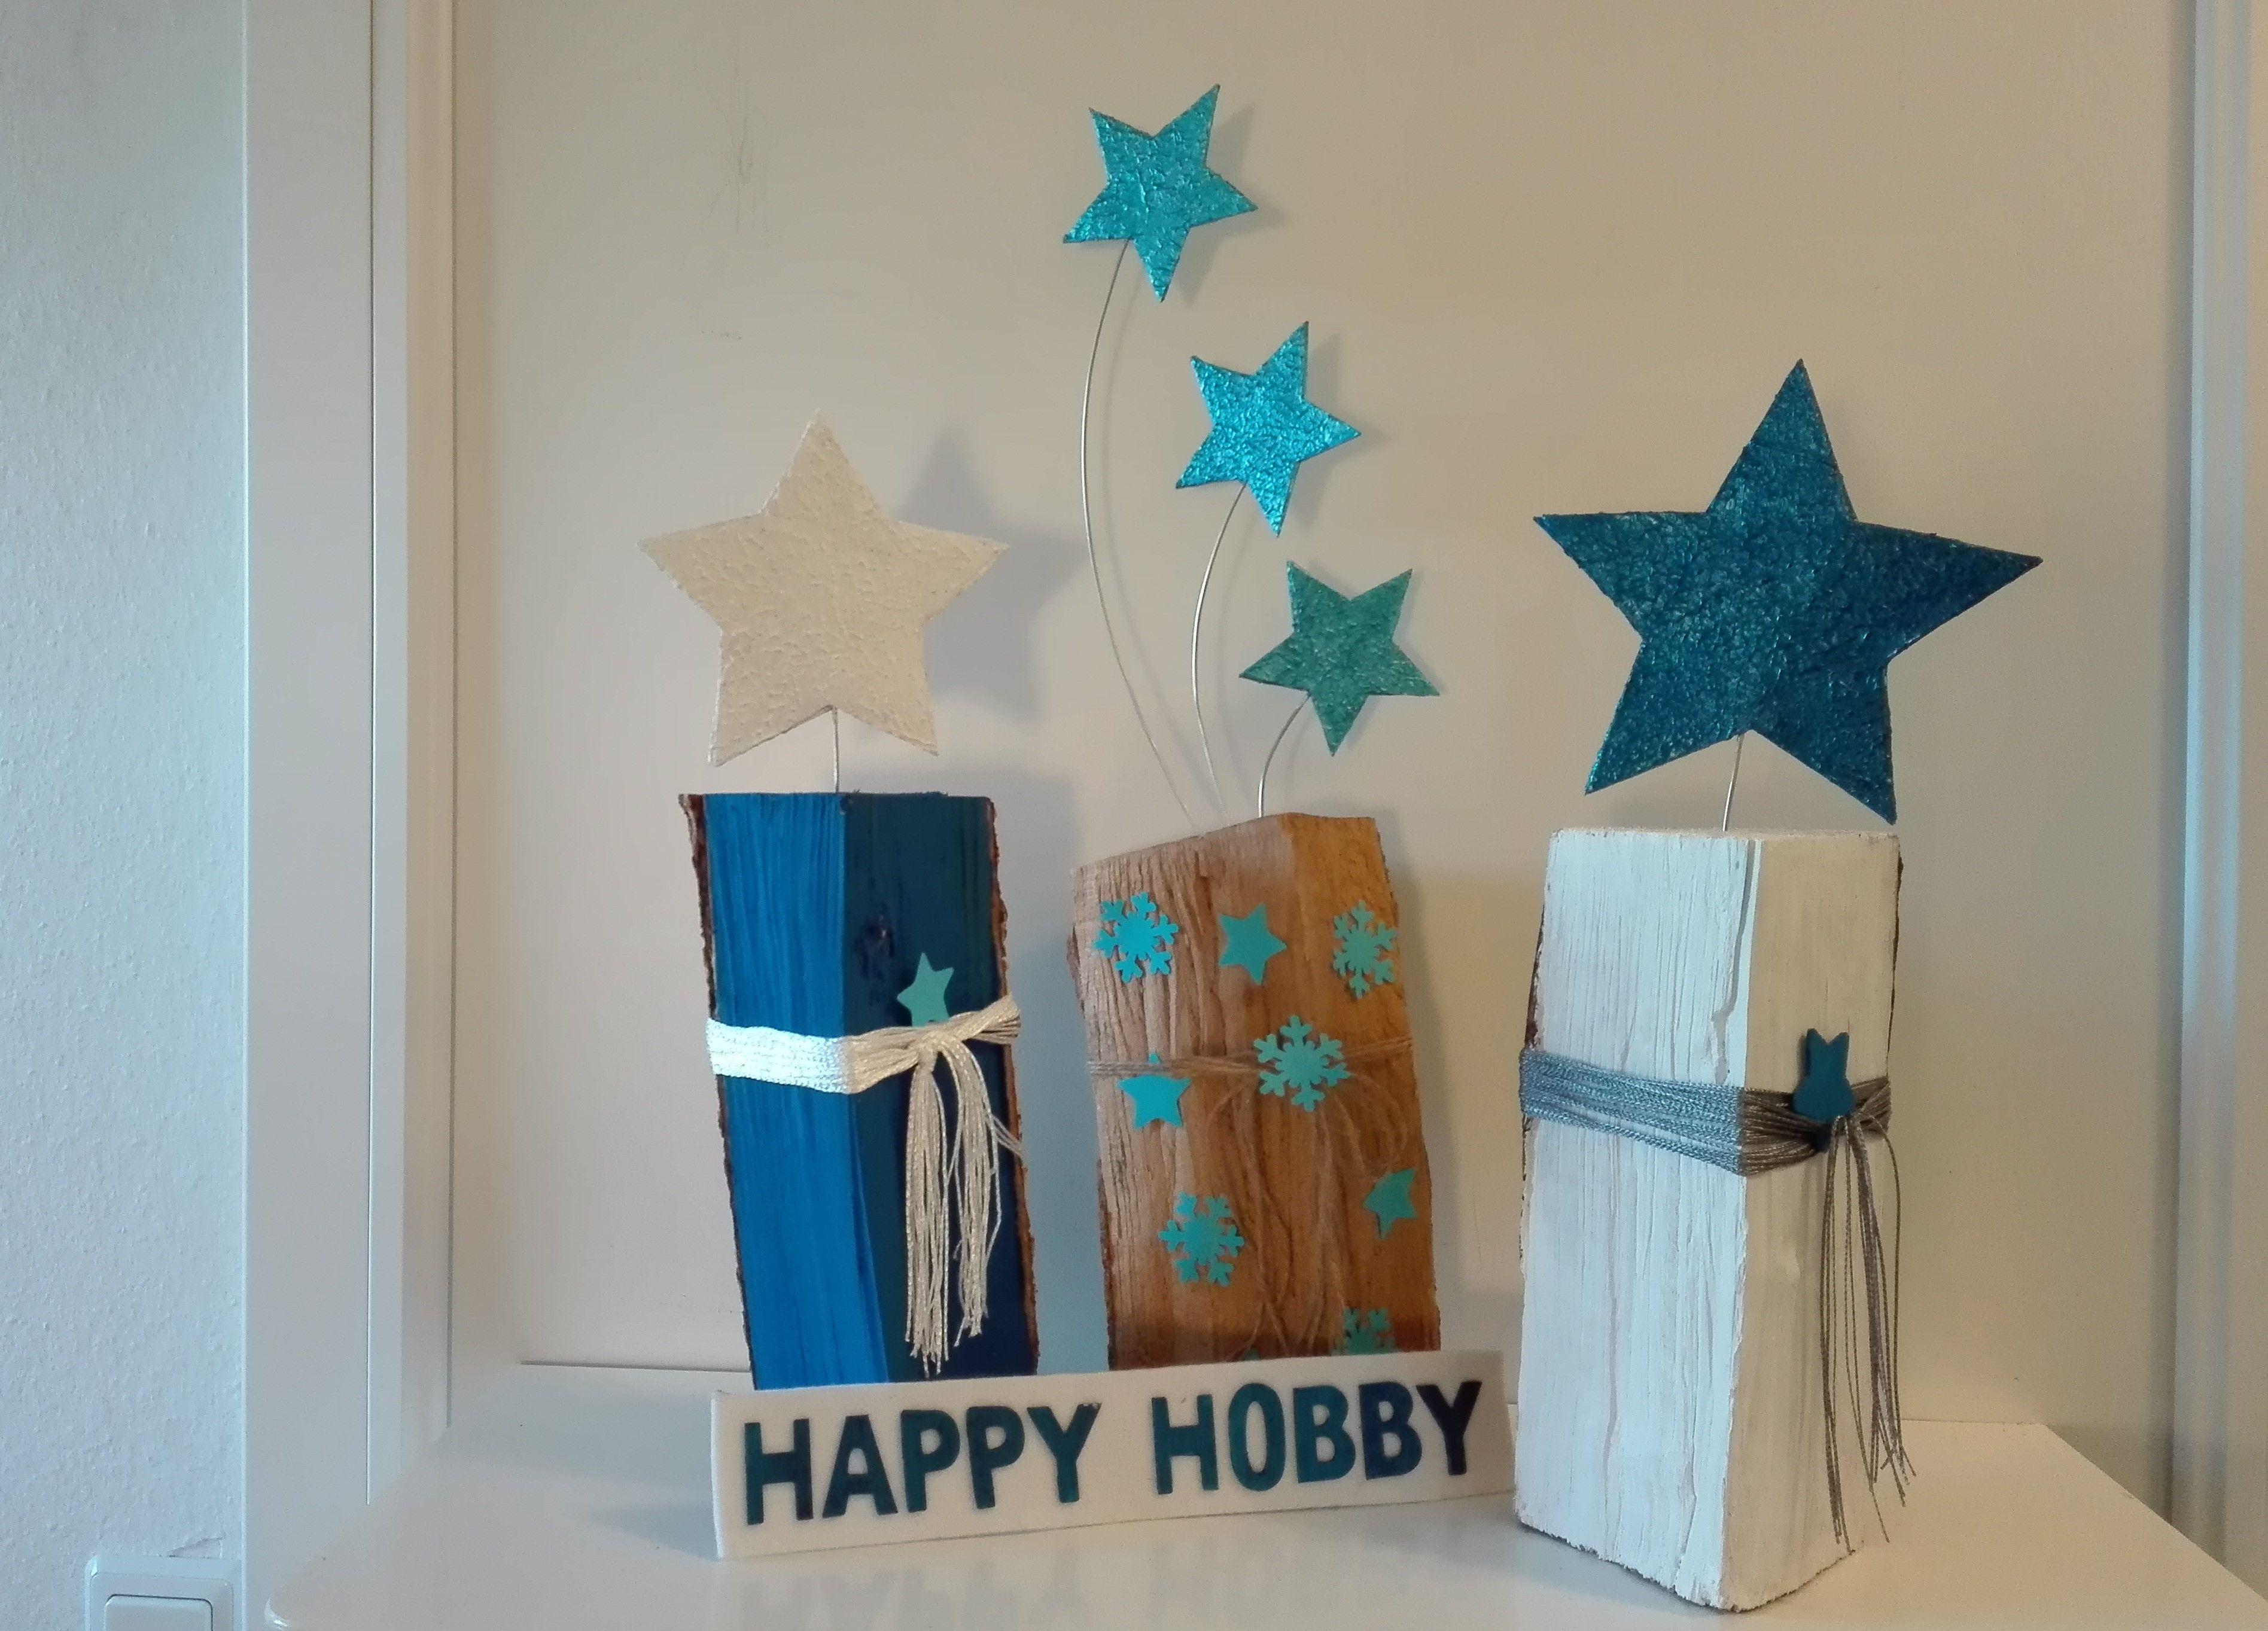 Weihnachtsdeko Aus Acryl.Sterne Weihnachtsdeko Diy Aus Karton Draht Acryl Modelliermasse